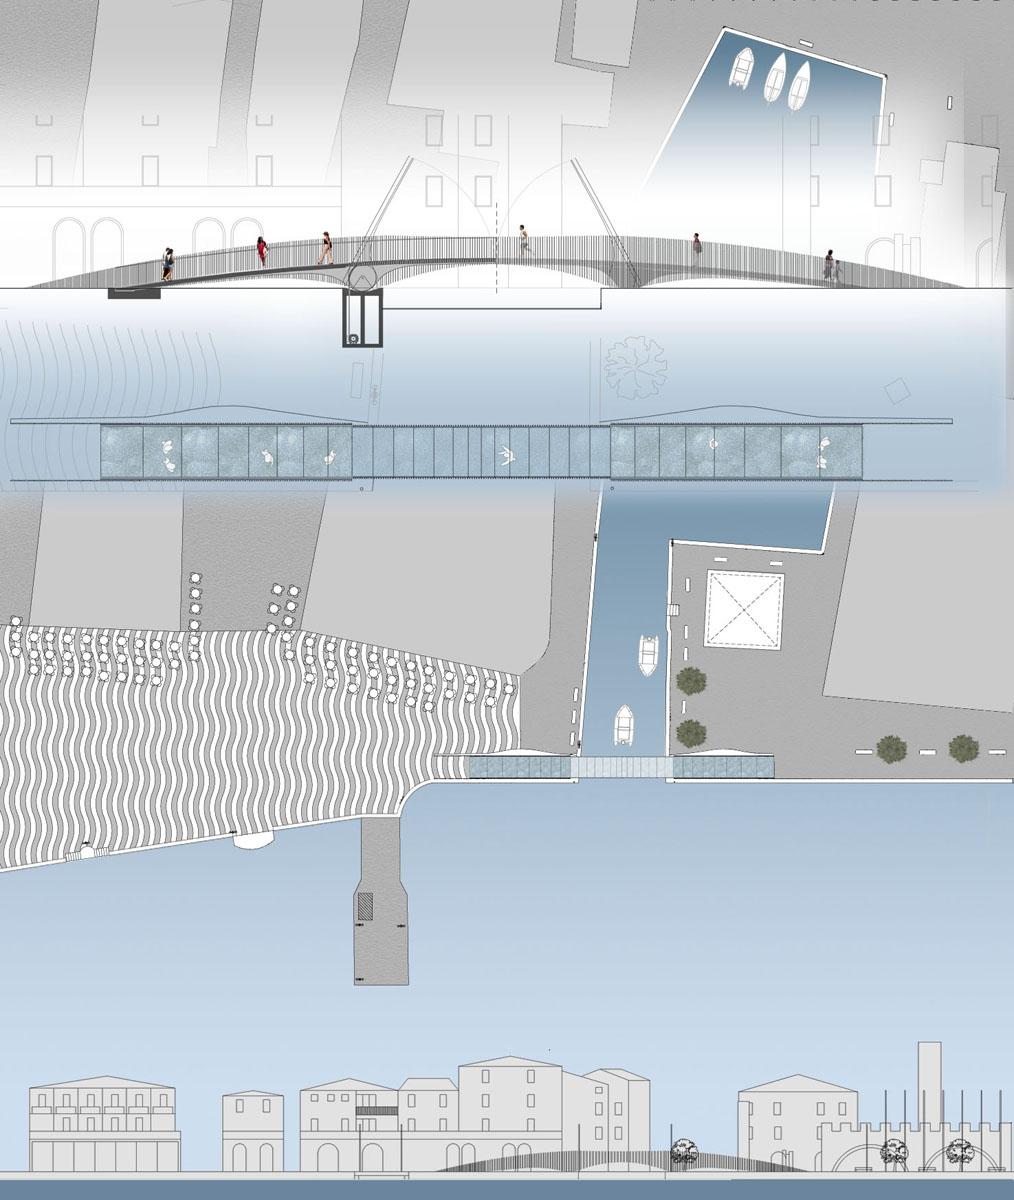 Ponte Lazise - Elaborazioni grafiche del nuovo ponte mobile - Tommaso Vecci